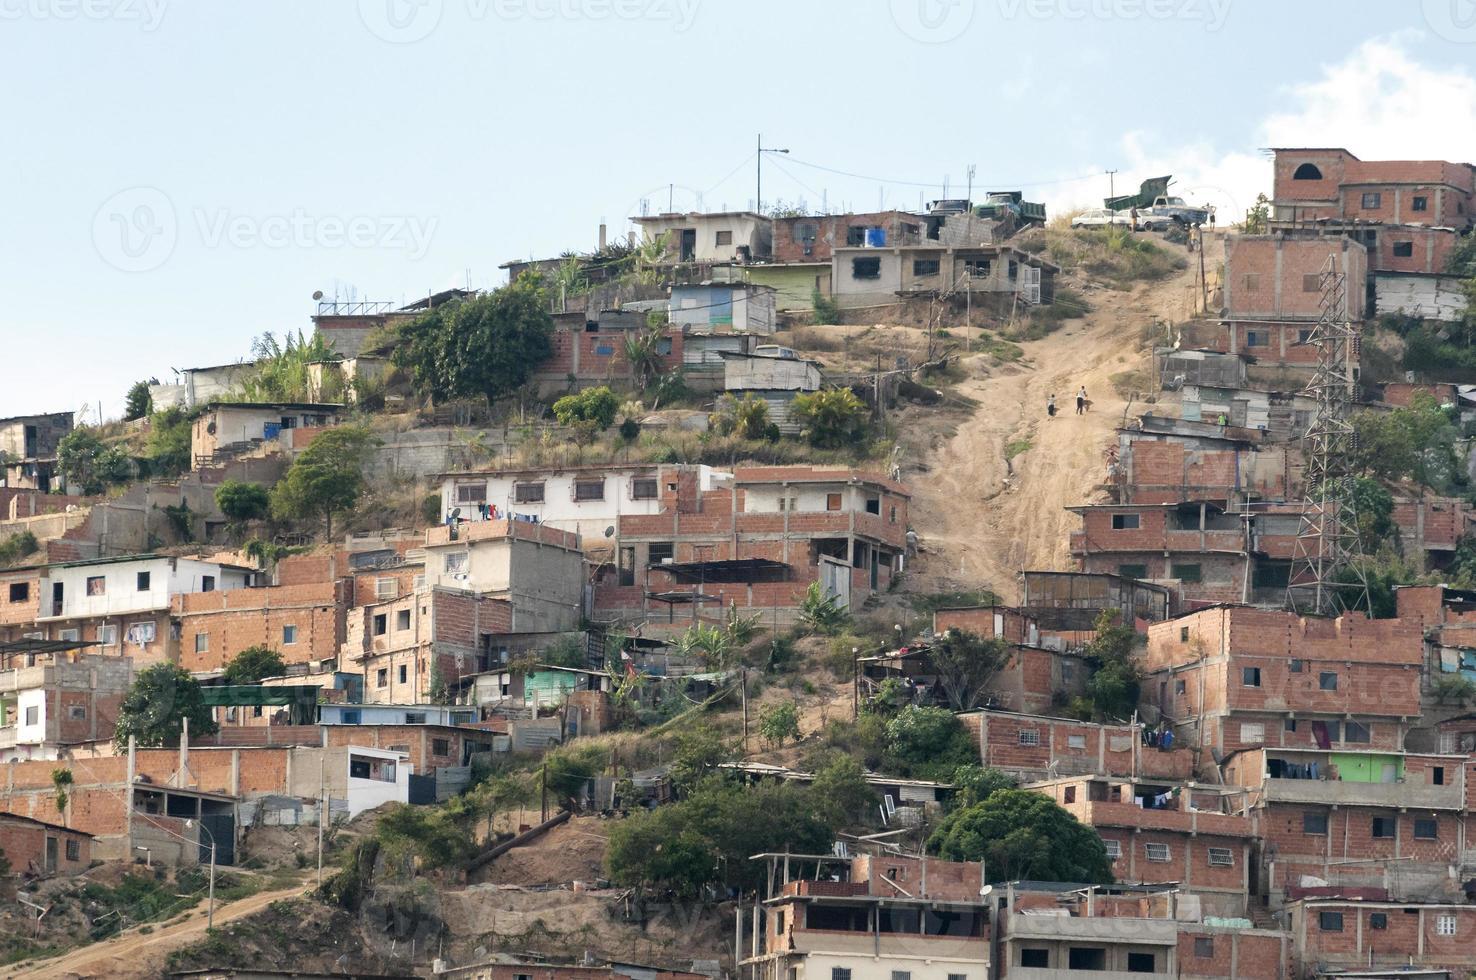 Barriadas Caraqueñas 4 photo